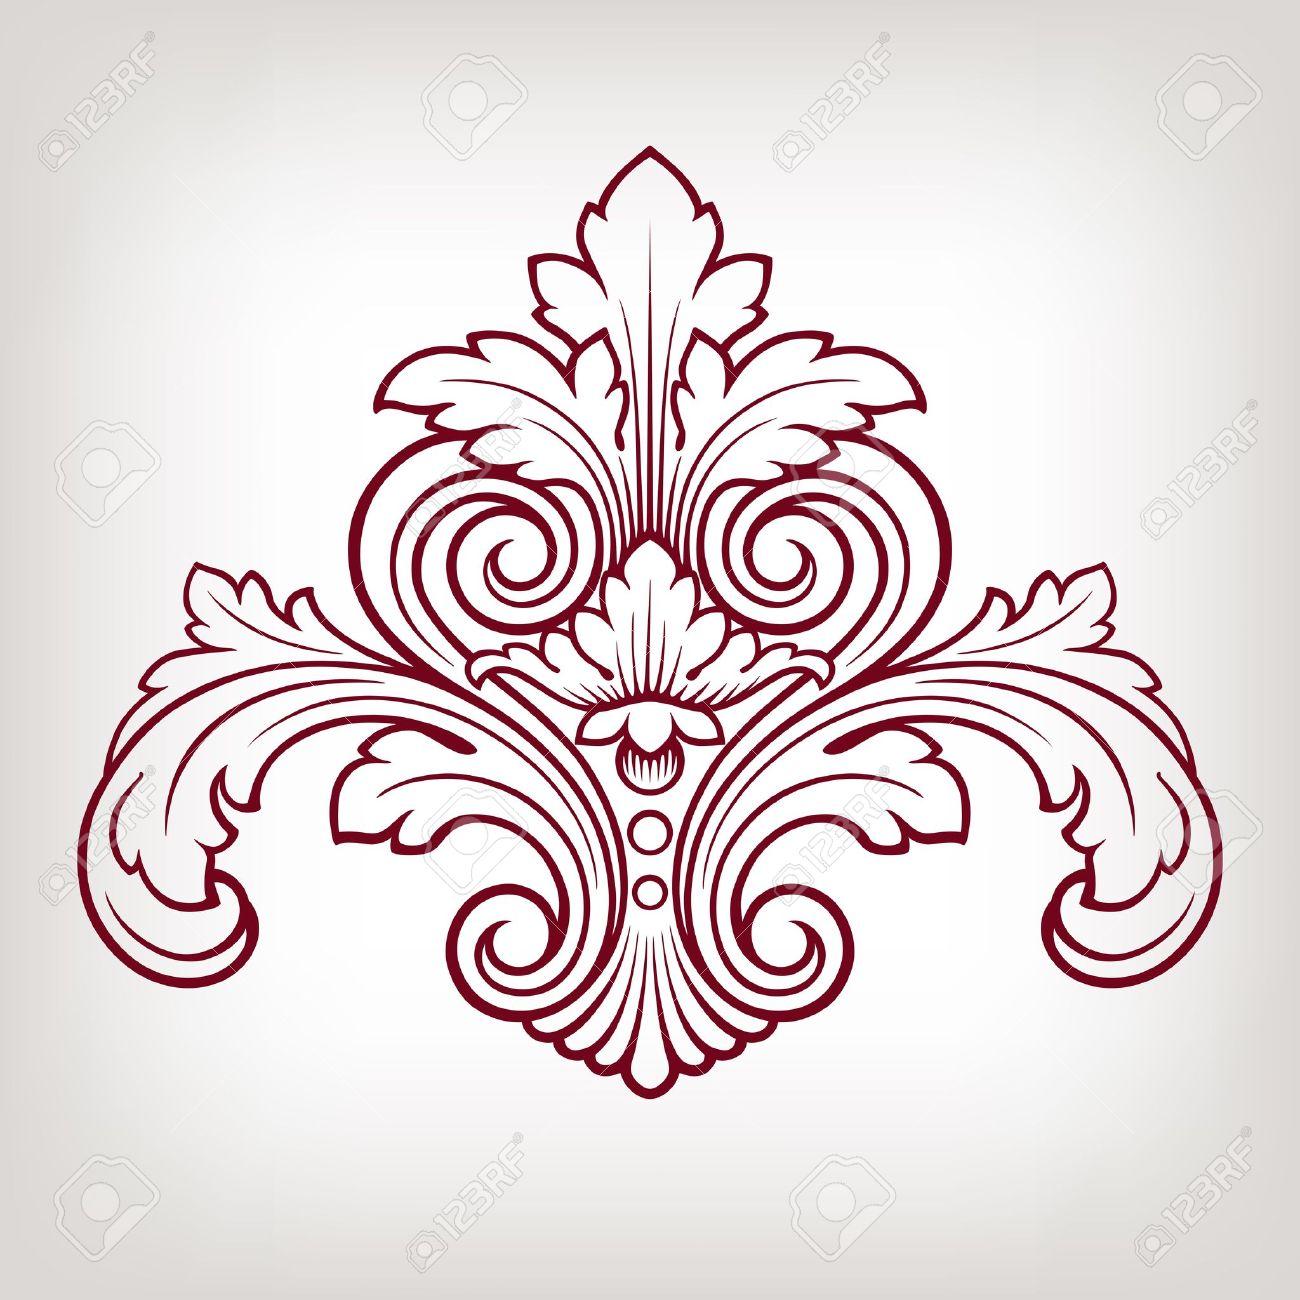 vector vintage baroque damask design frame pattern element engraving retro style